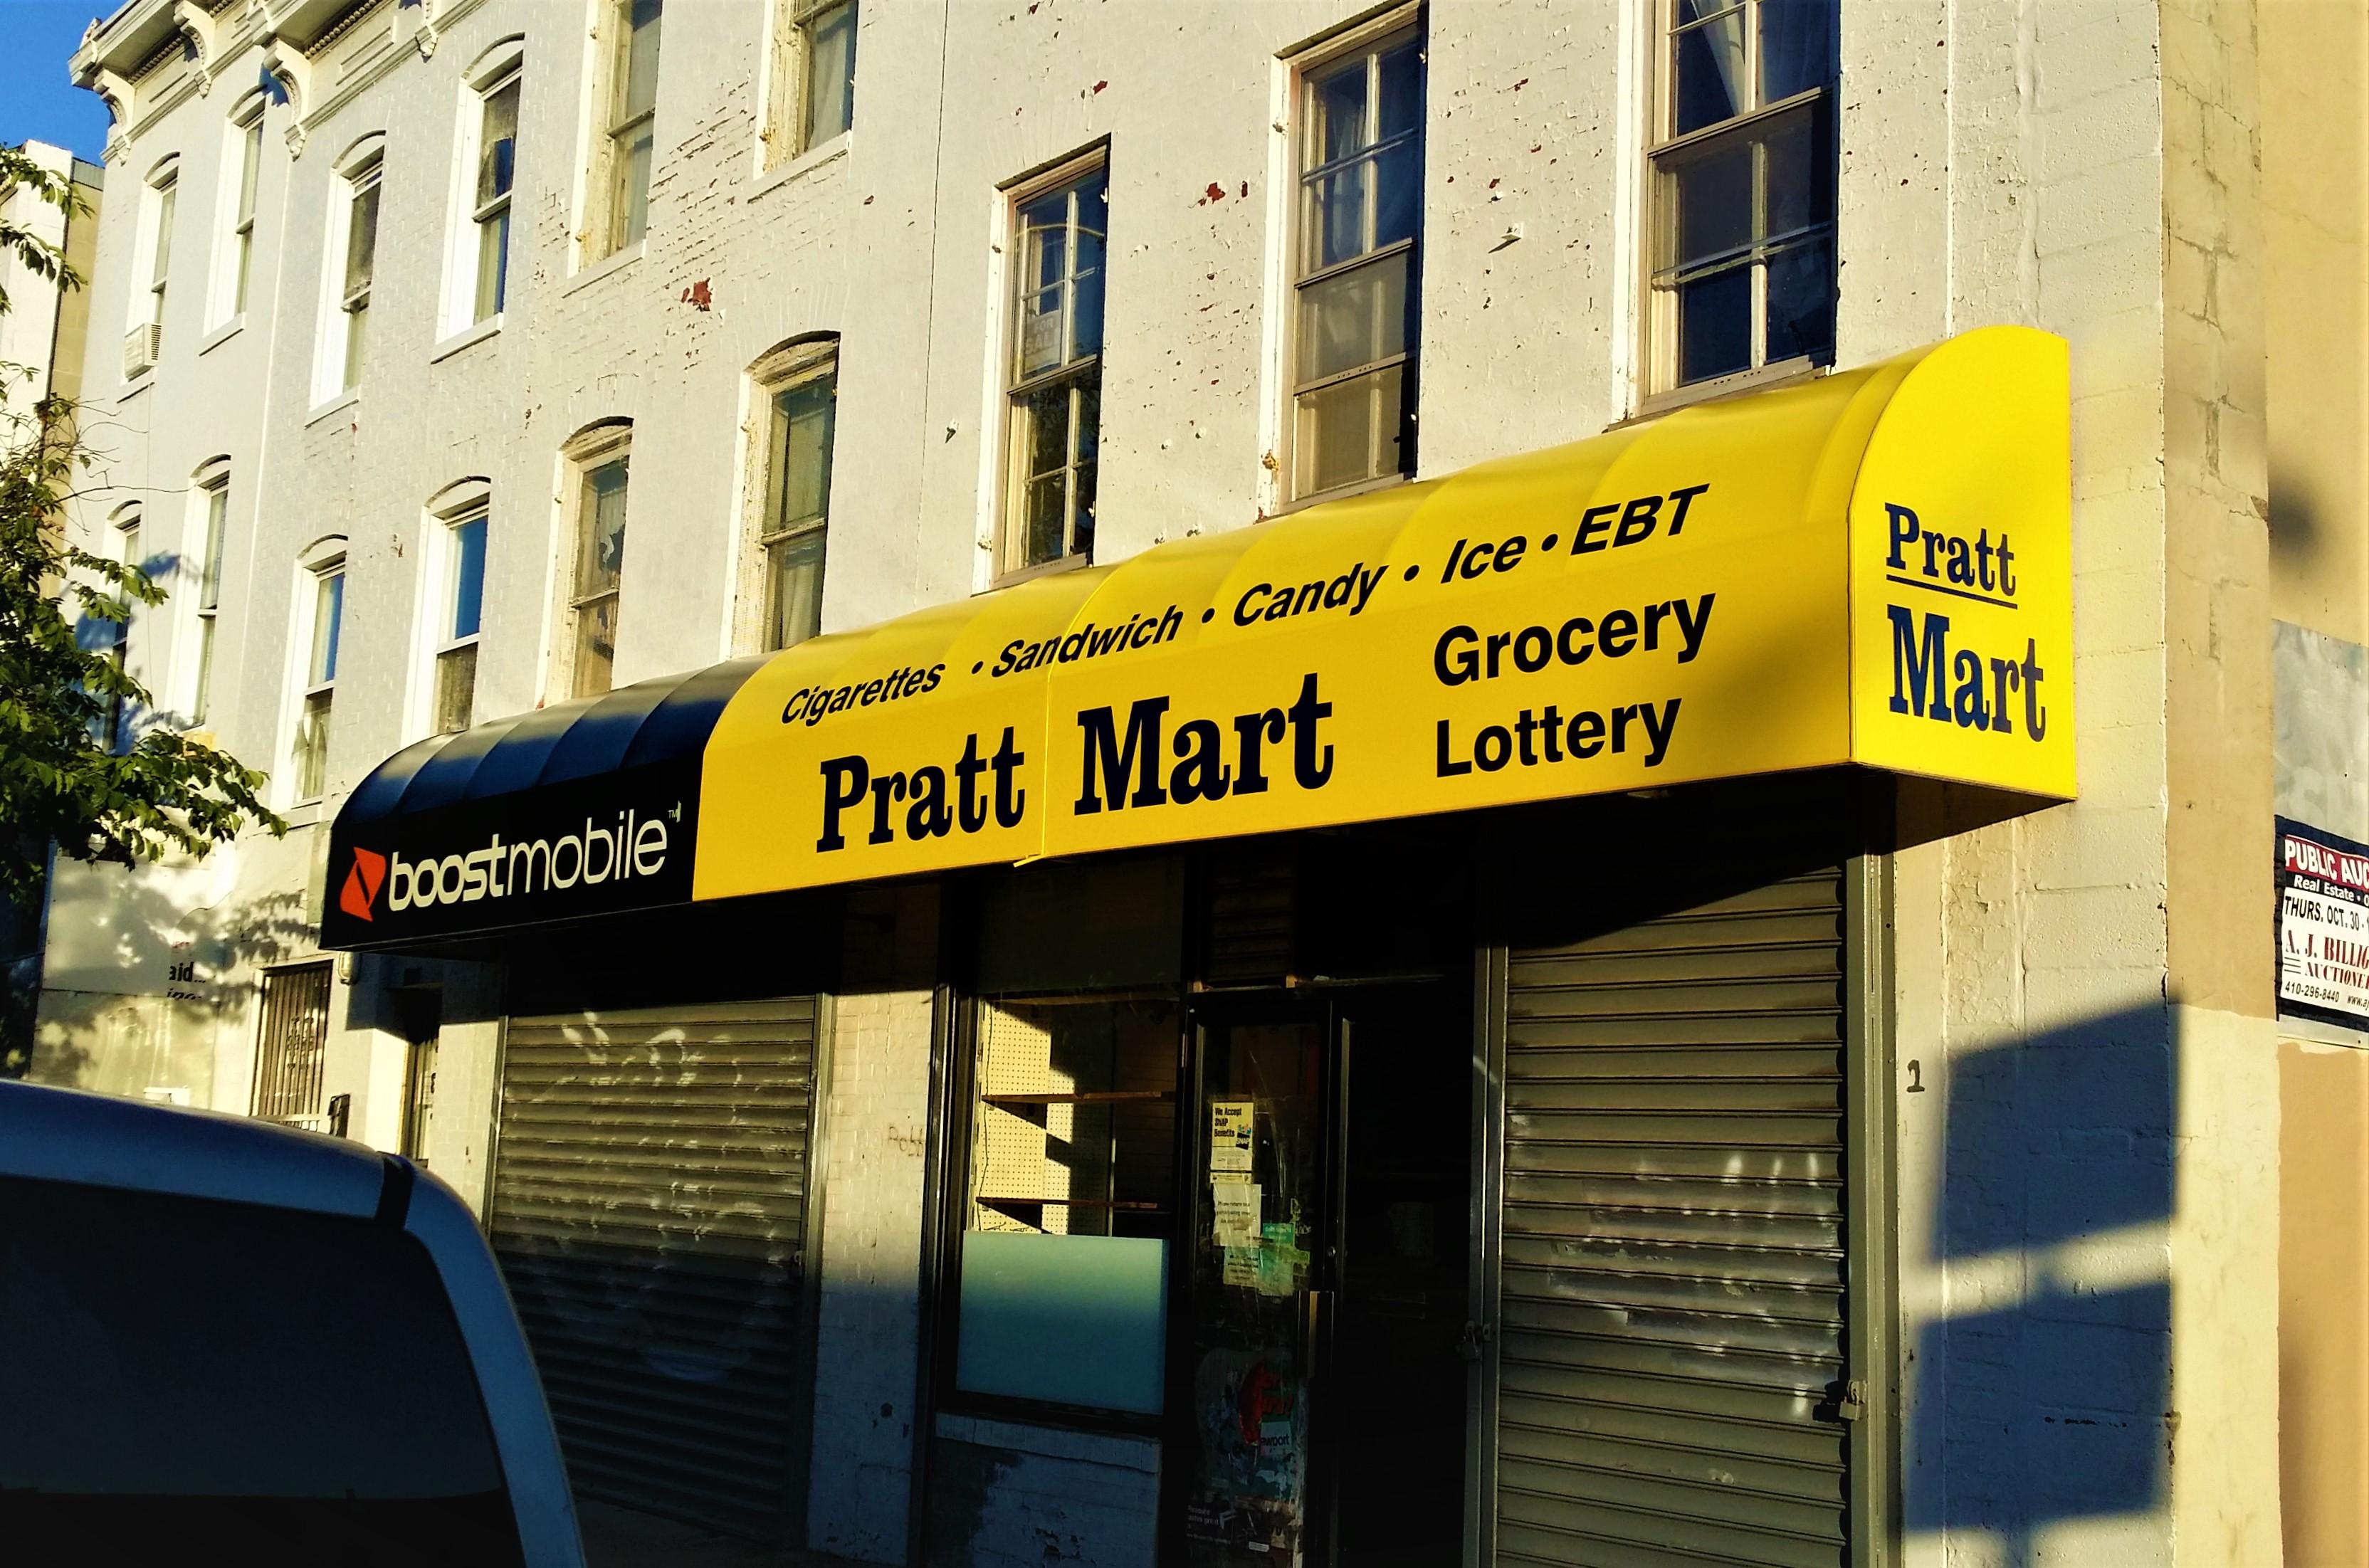 Pratt Mart